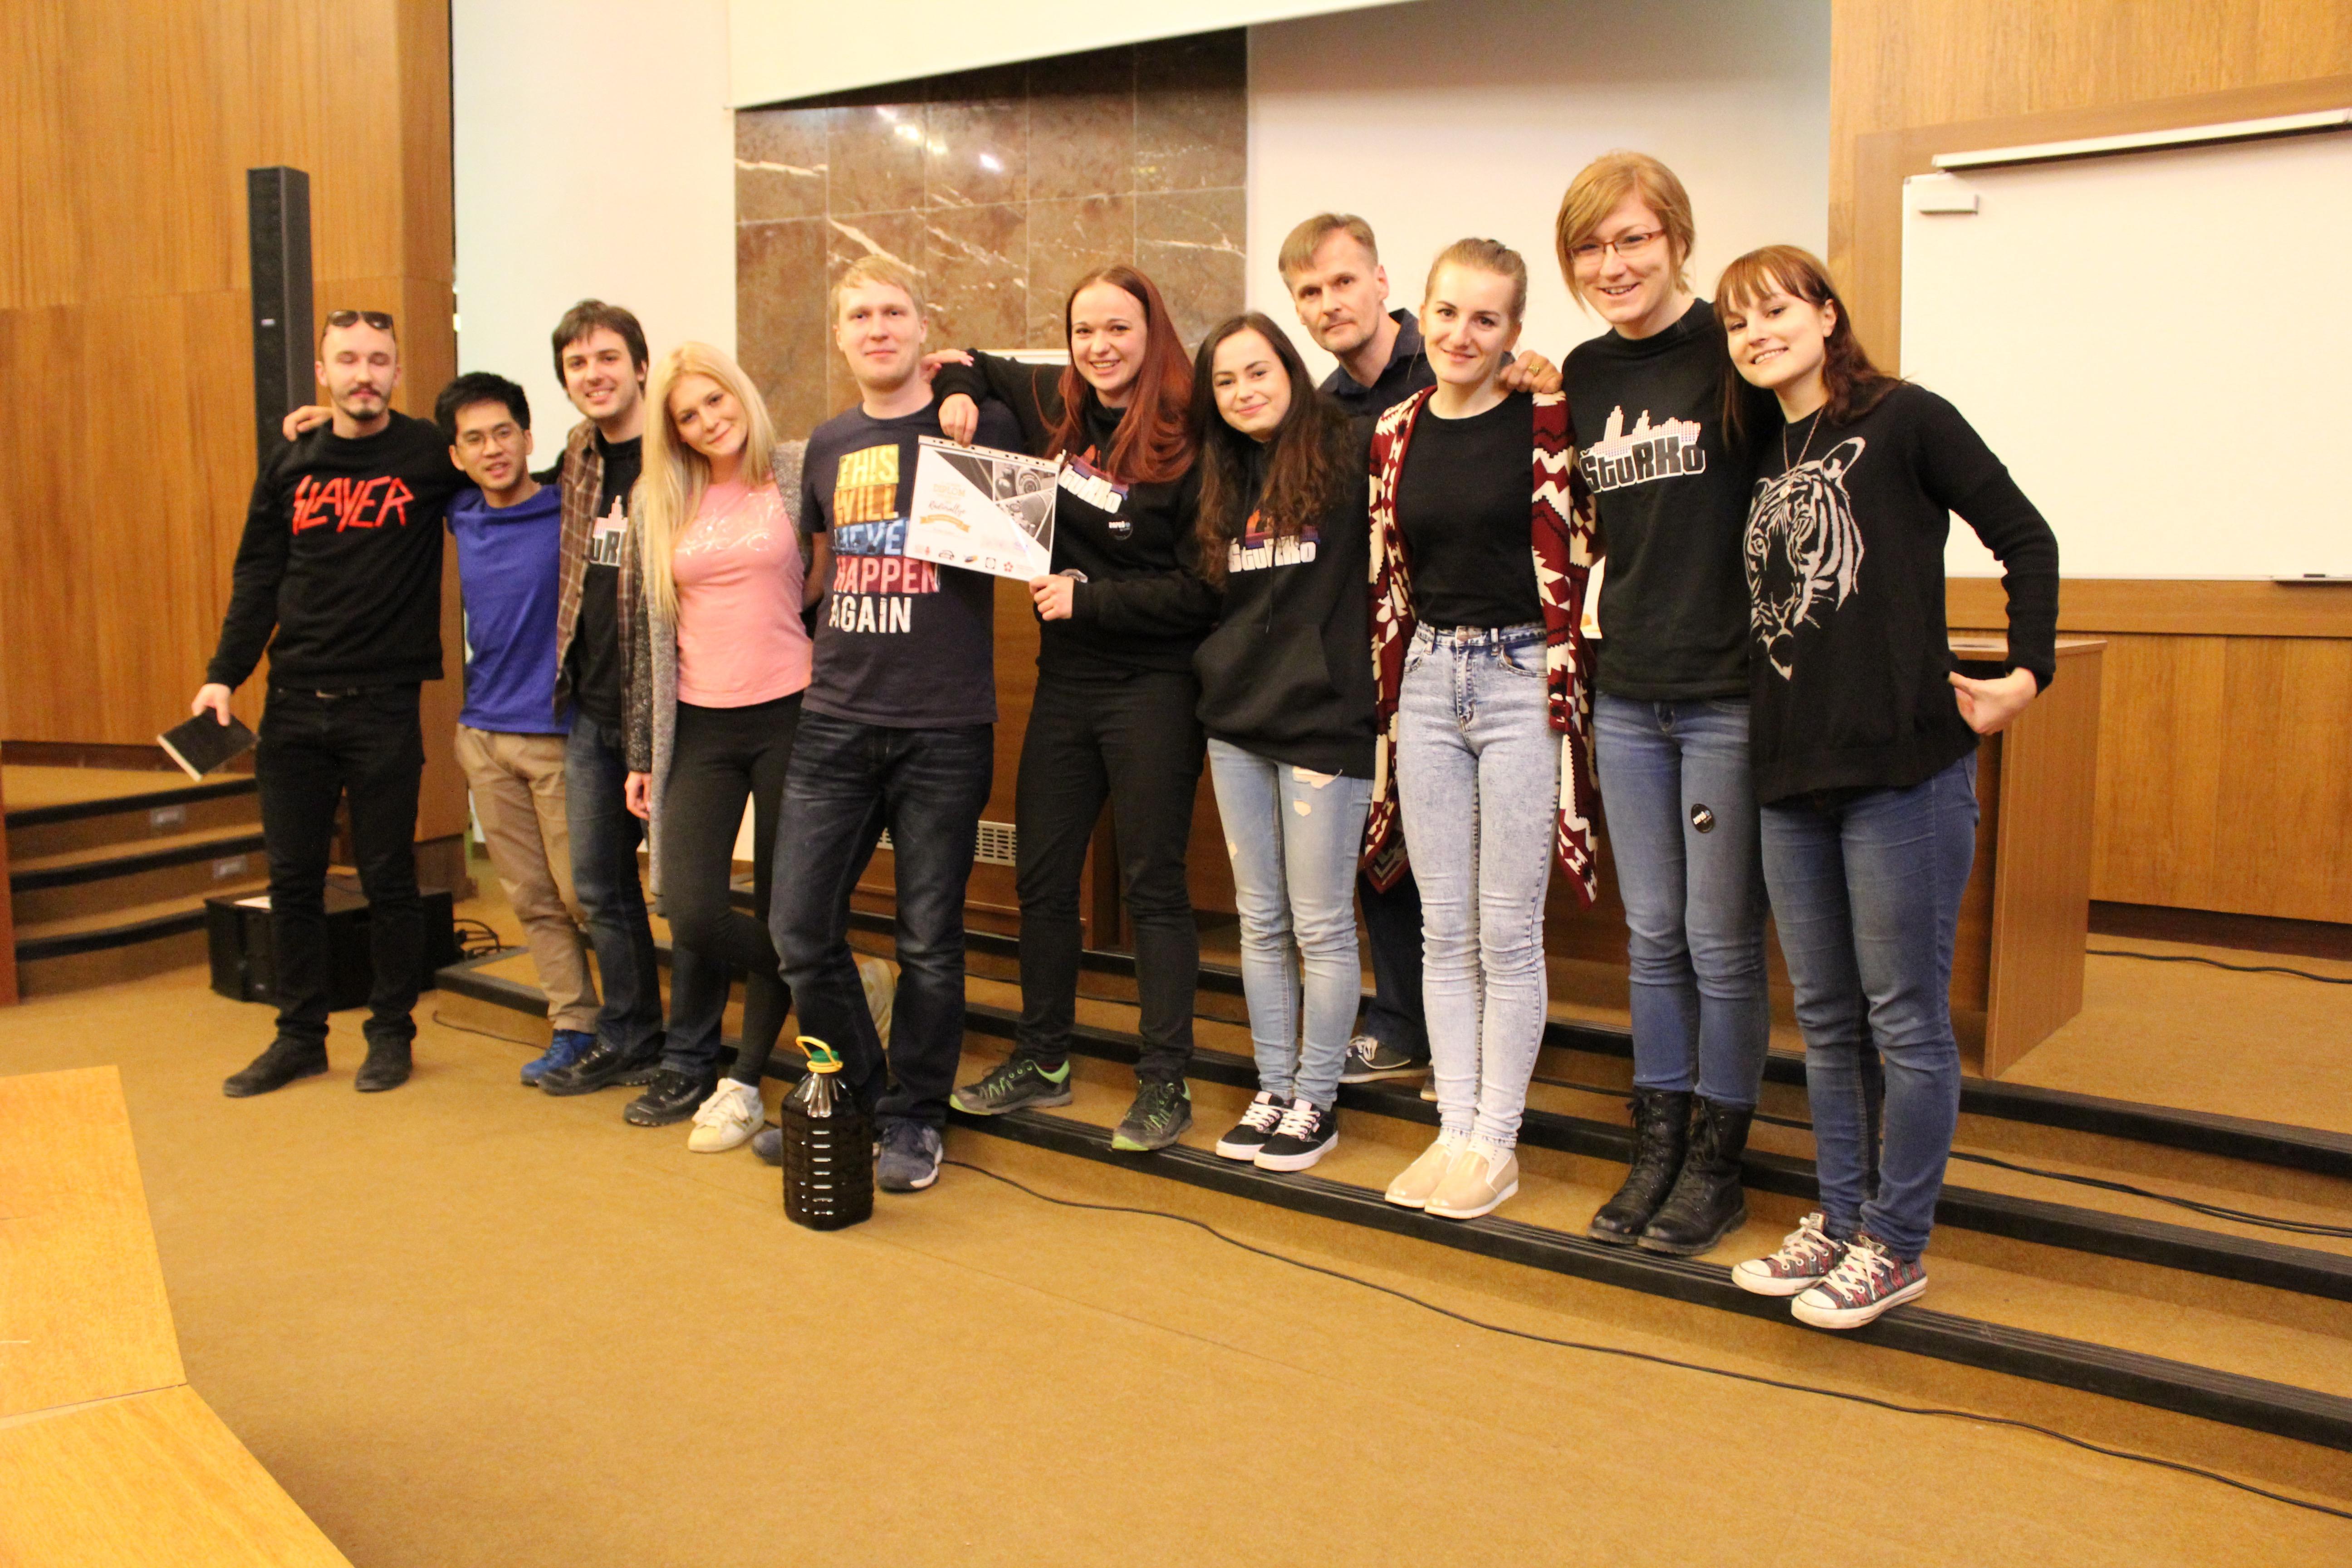 Víťazný tím Rádiorallye 2016 - ŠtuRKo